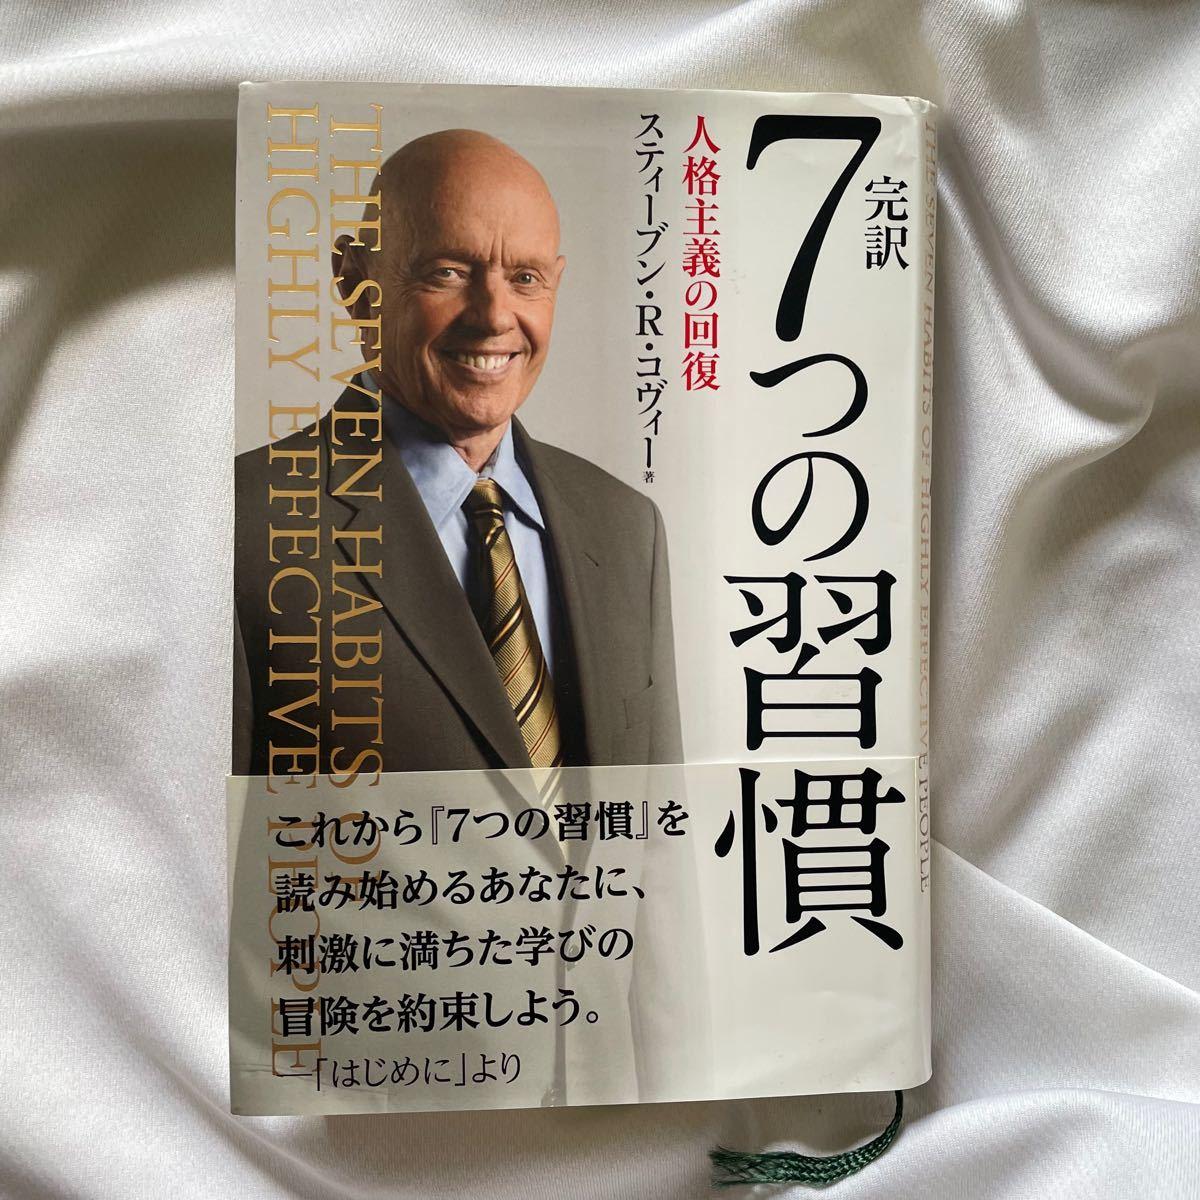 「完訳7つの習慣 〜人格主義の回復〜」スティーブン・R・コヴィー著